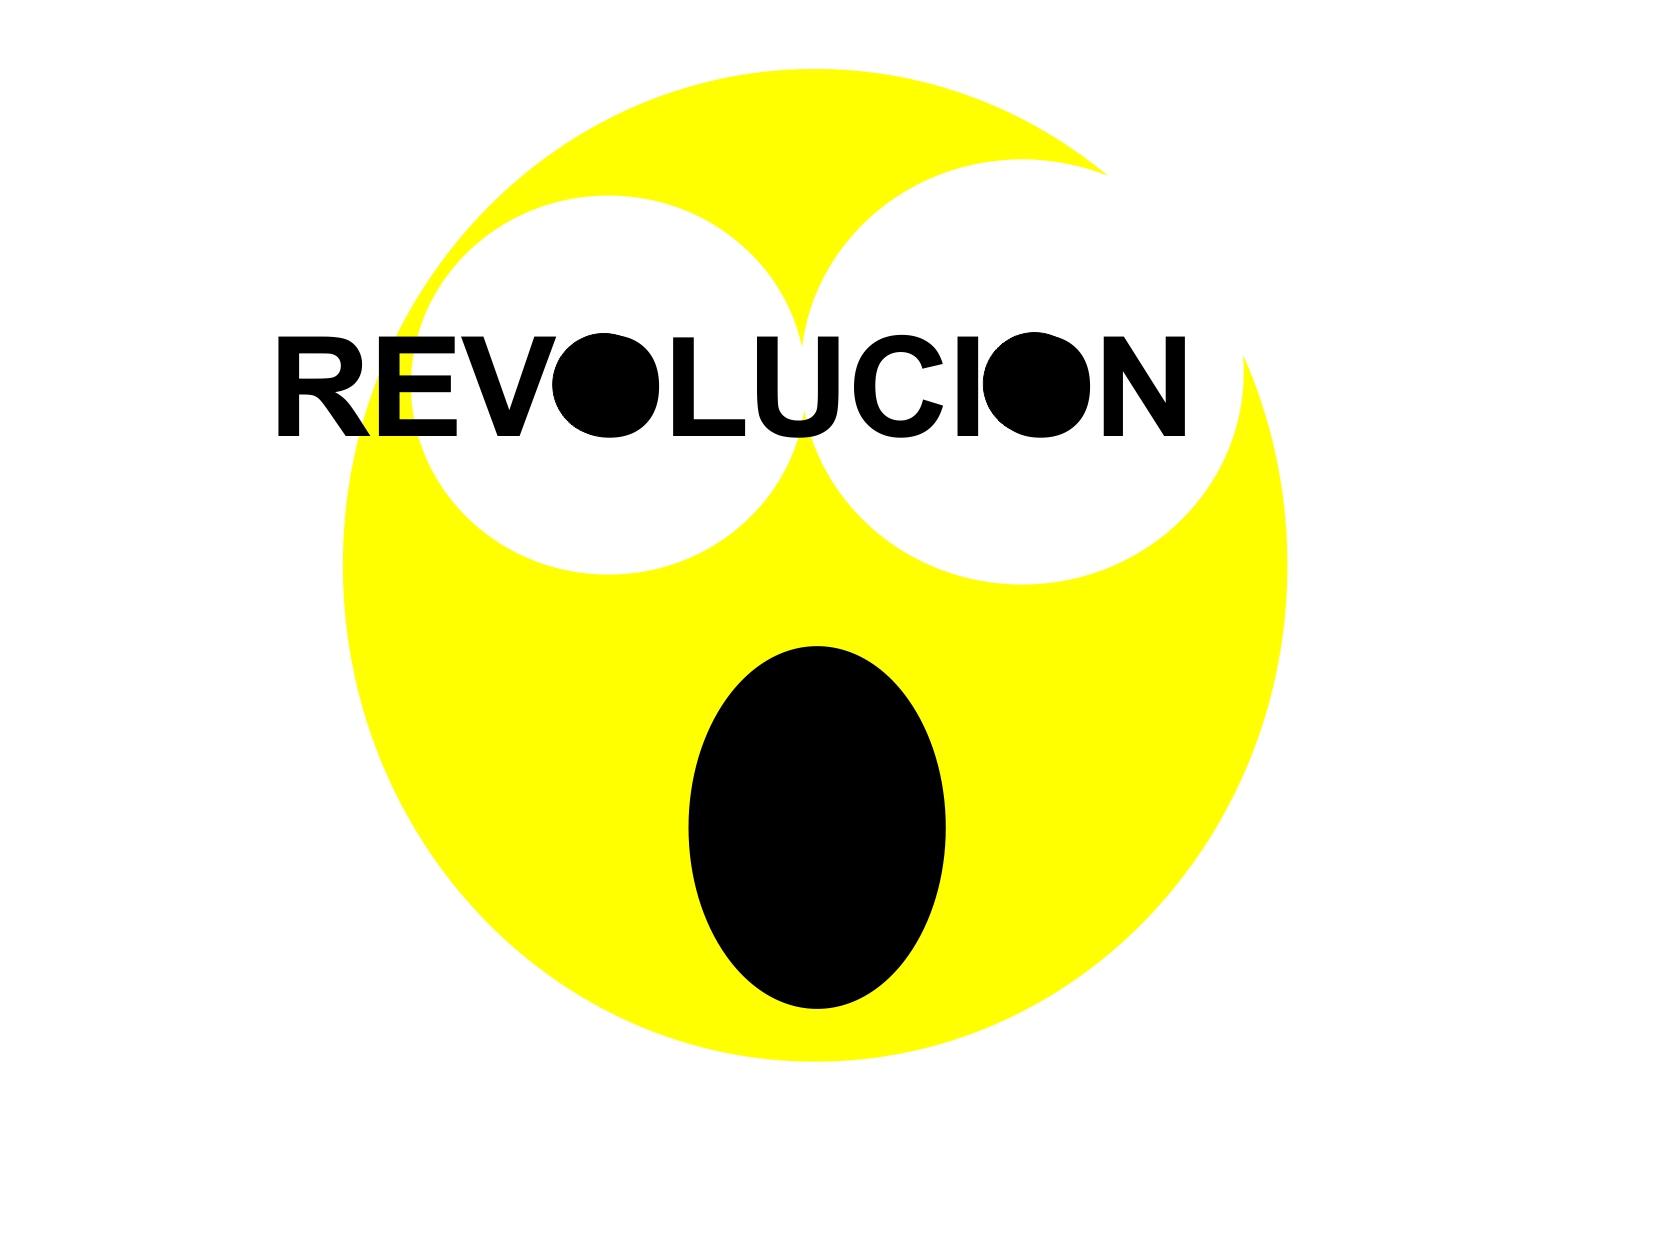 Разработка логотипа и фир. стиля агенству Revolución фото f_4fbb80534a8dc.jpg